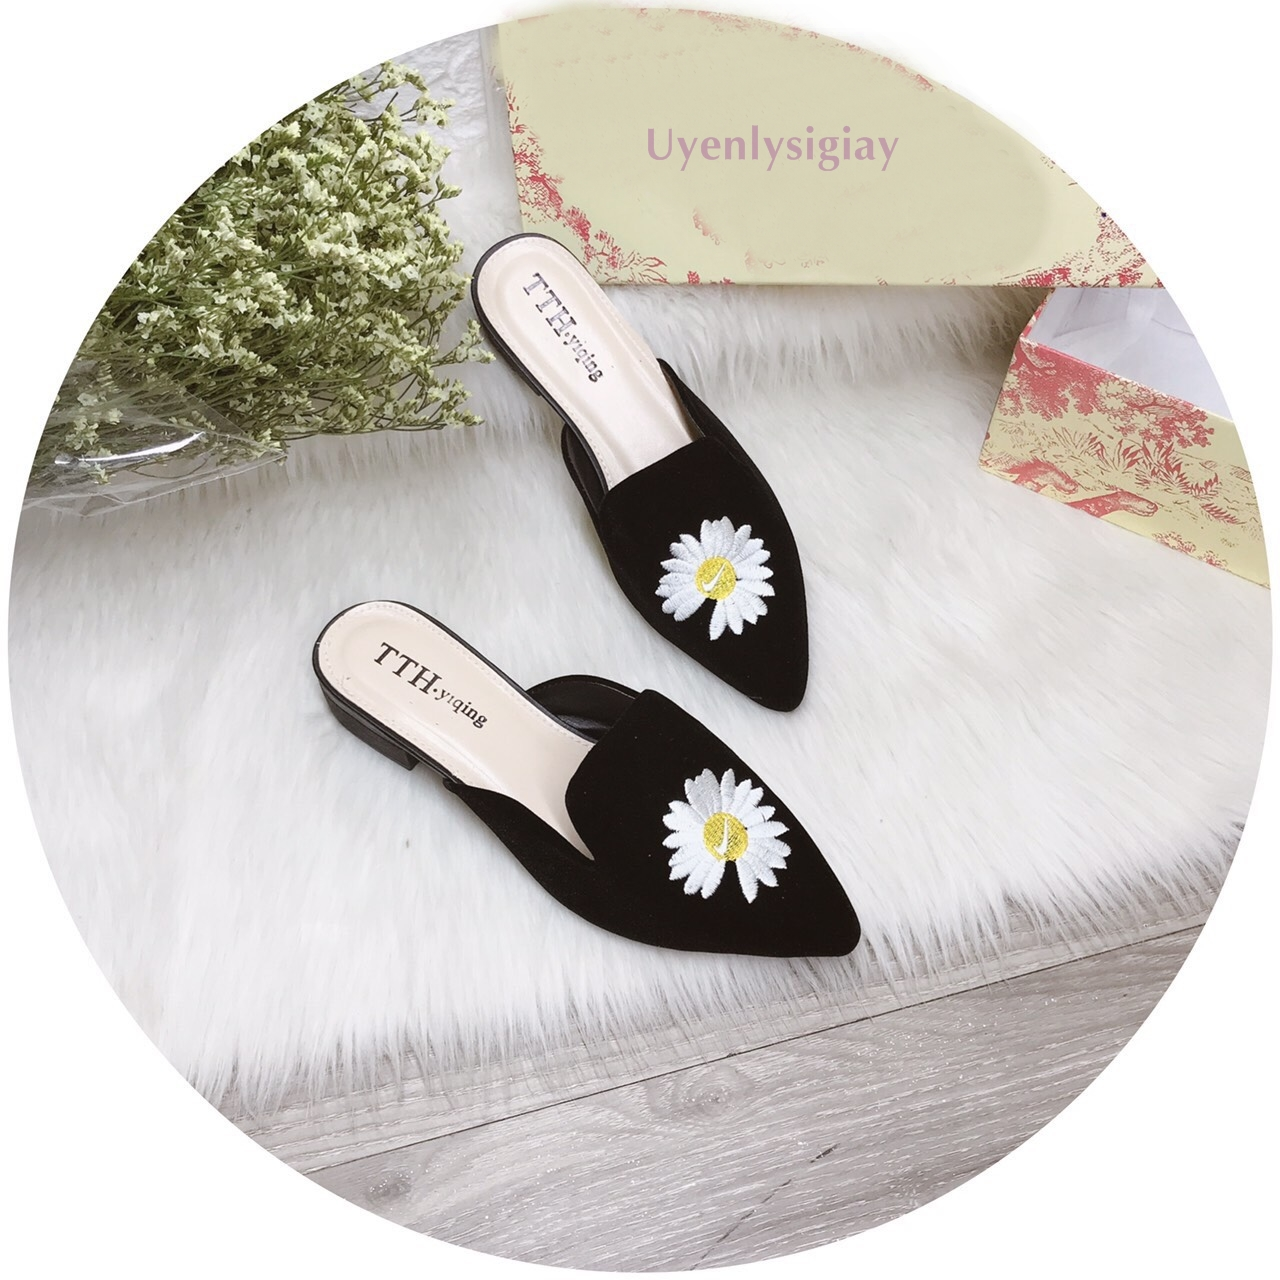 Giày sục nữ mũi nhọn thêu hoa đế vuông 2 phân lên chân rất xinh